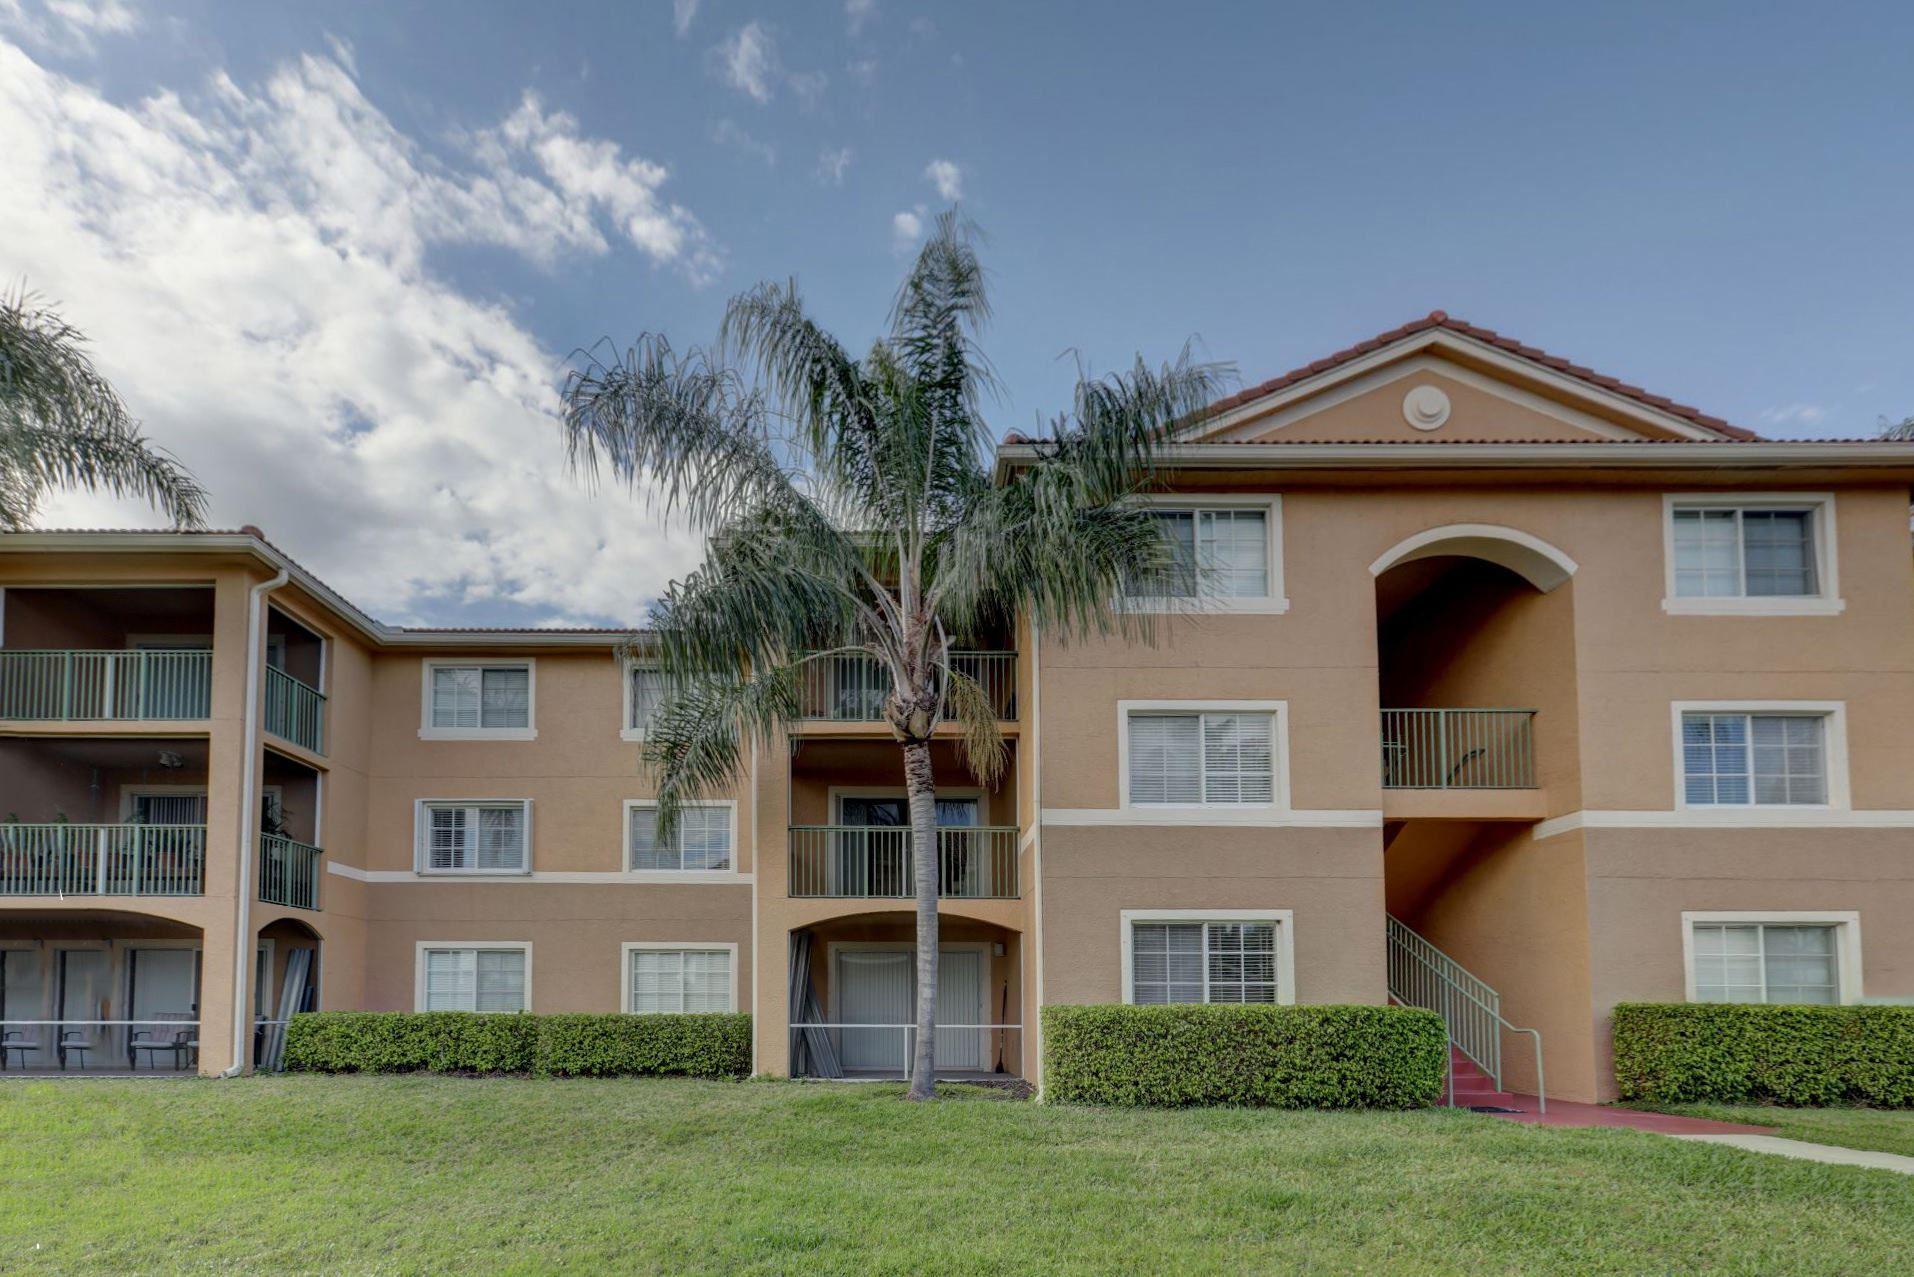 3729 NW Mediterranean Lane #8-204, Jensen Beach, FL 34957 - #: RX-10604743